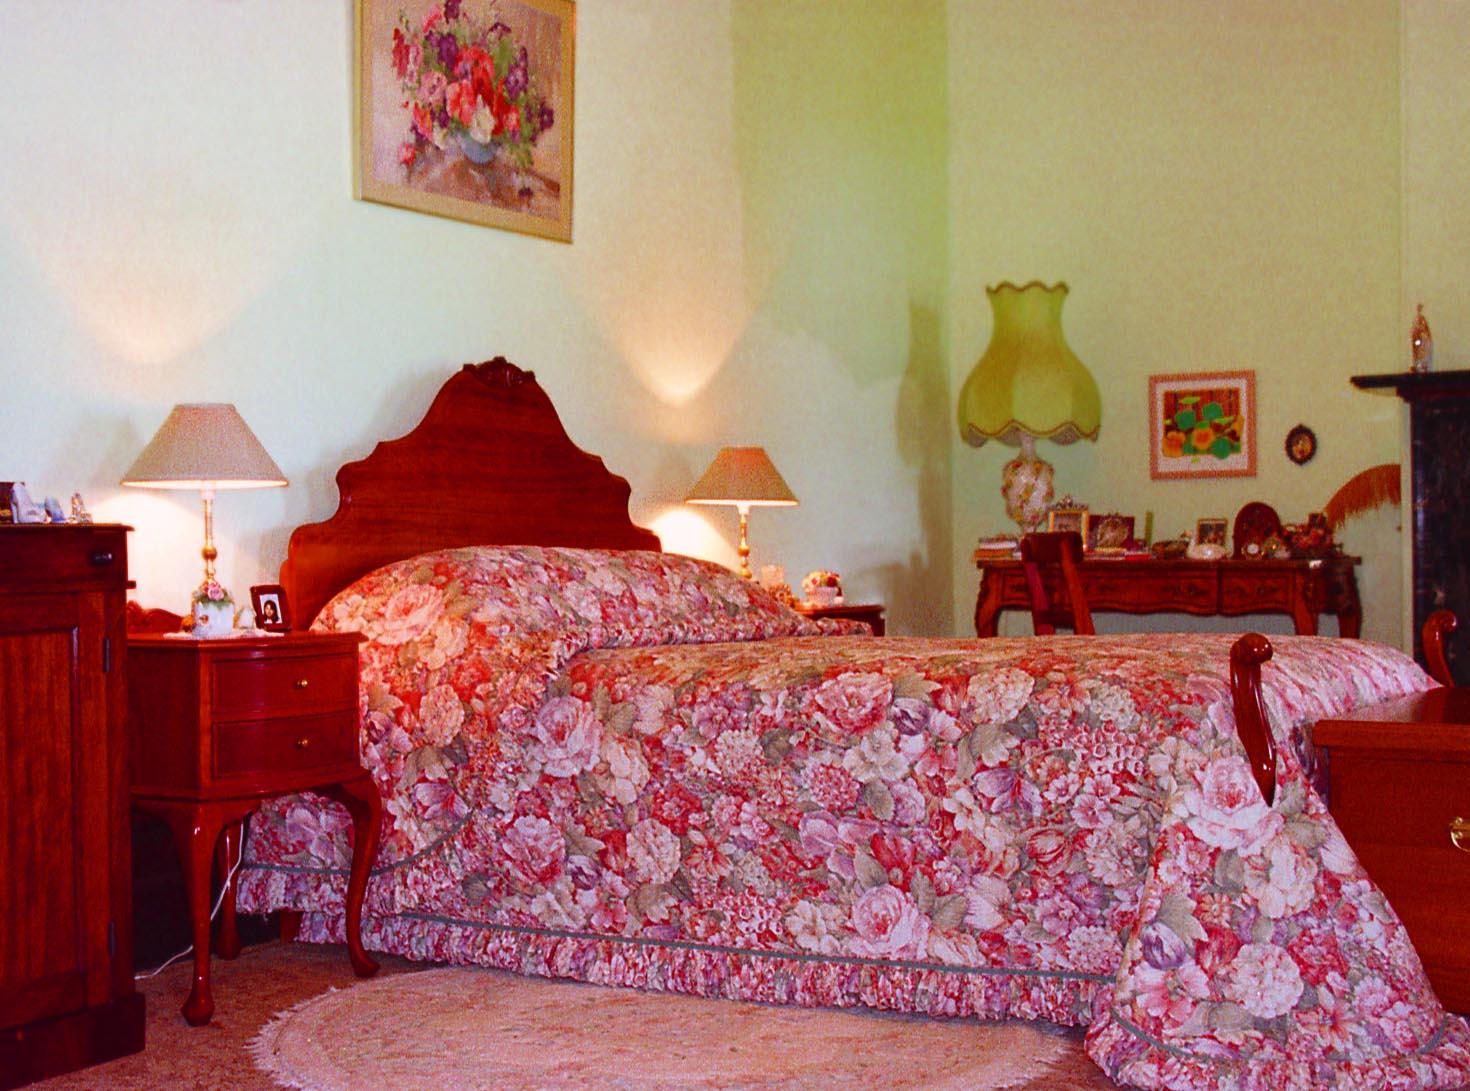 Yun fotografie di scorta gratis : No. 380 Camera da letto ...